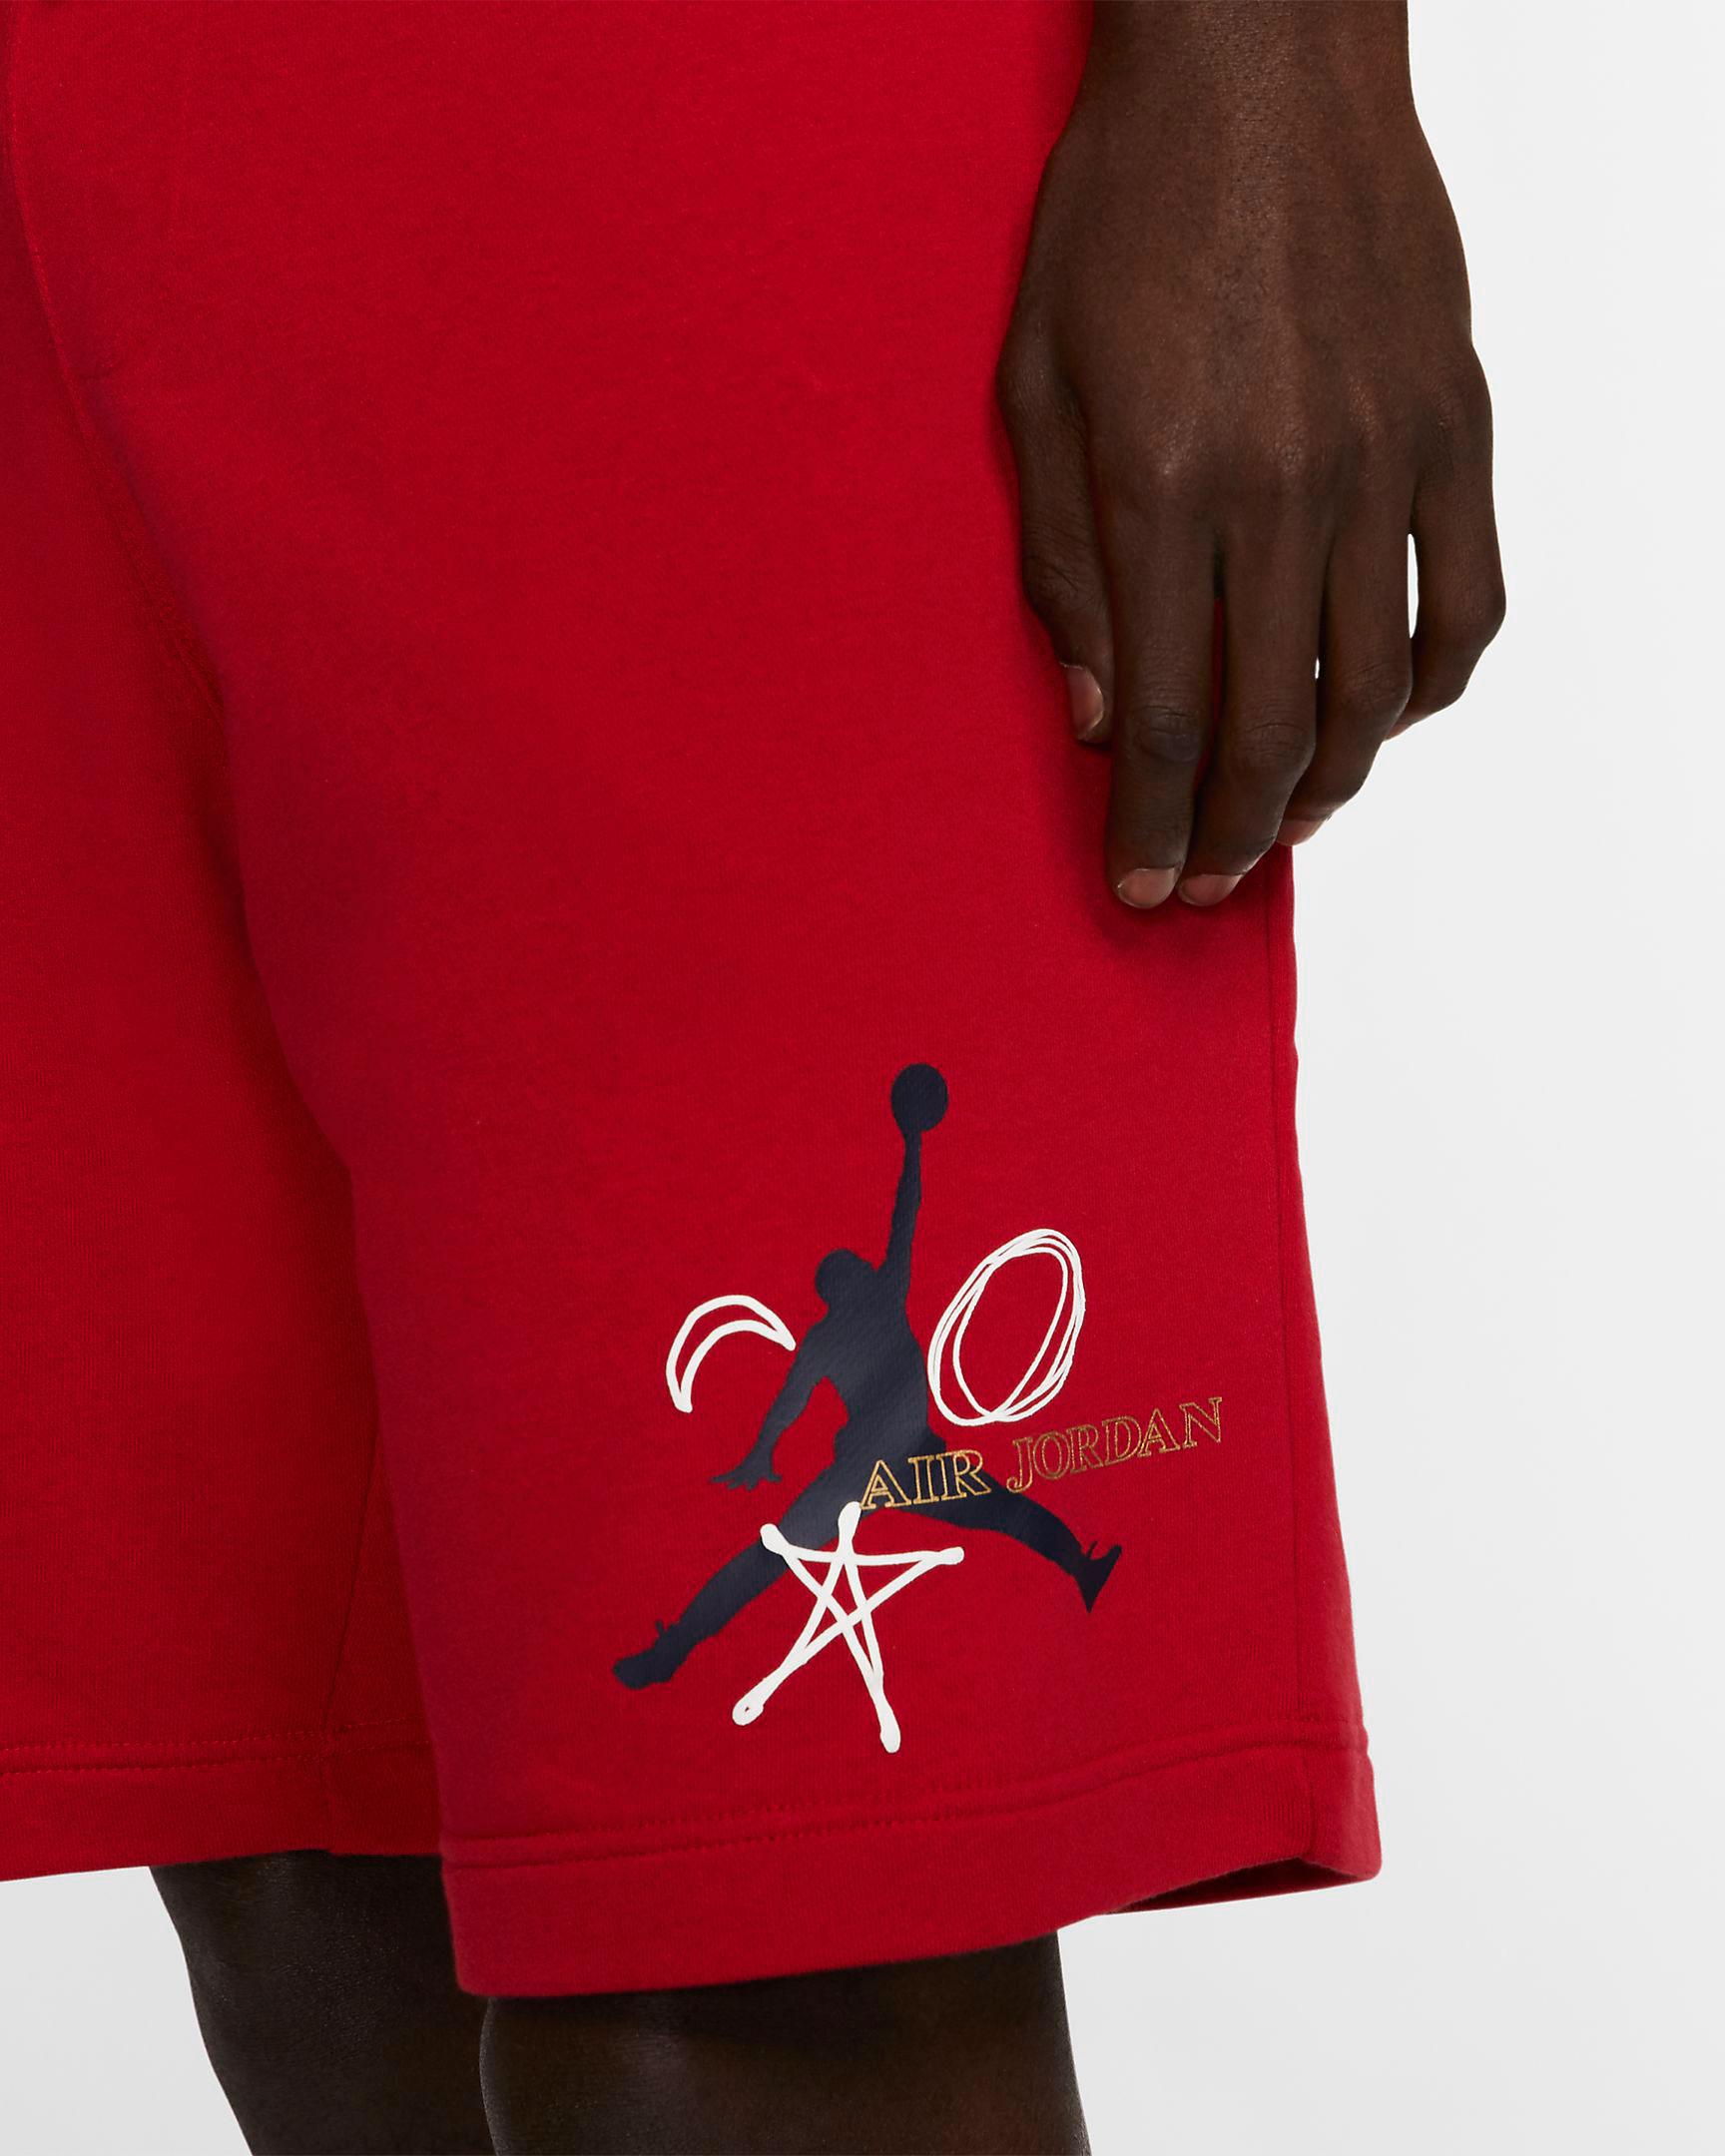 fiba-jordan-4-shorts-2